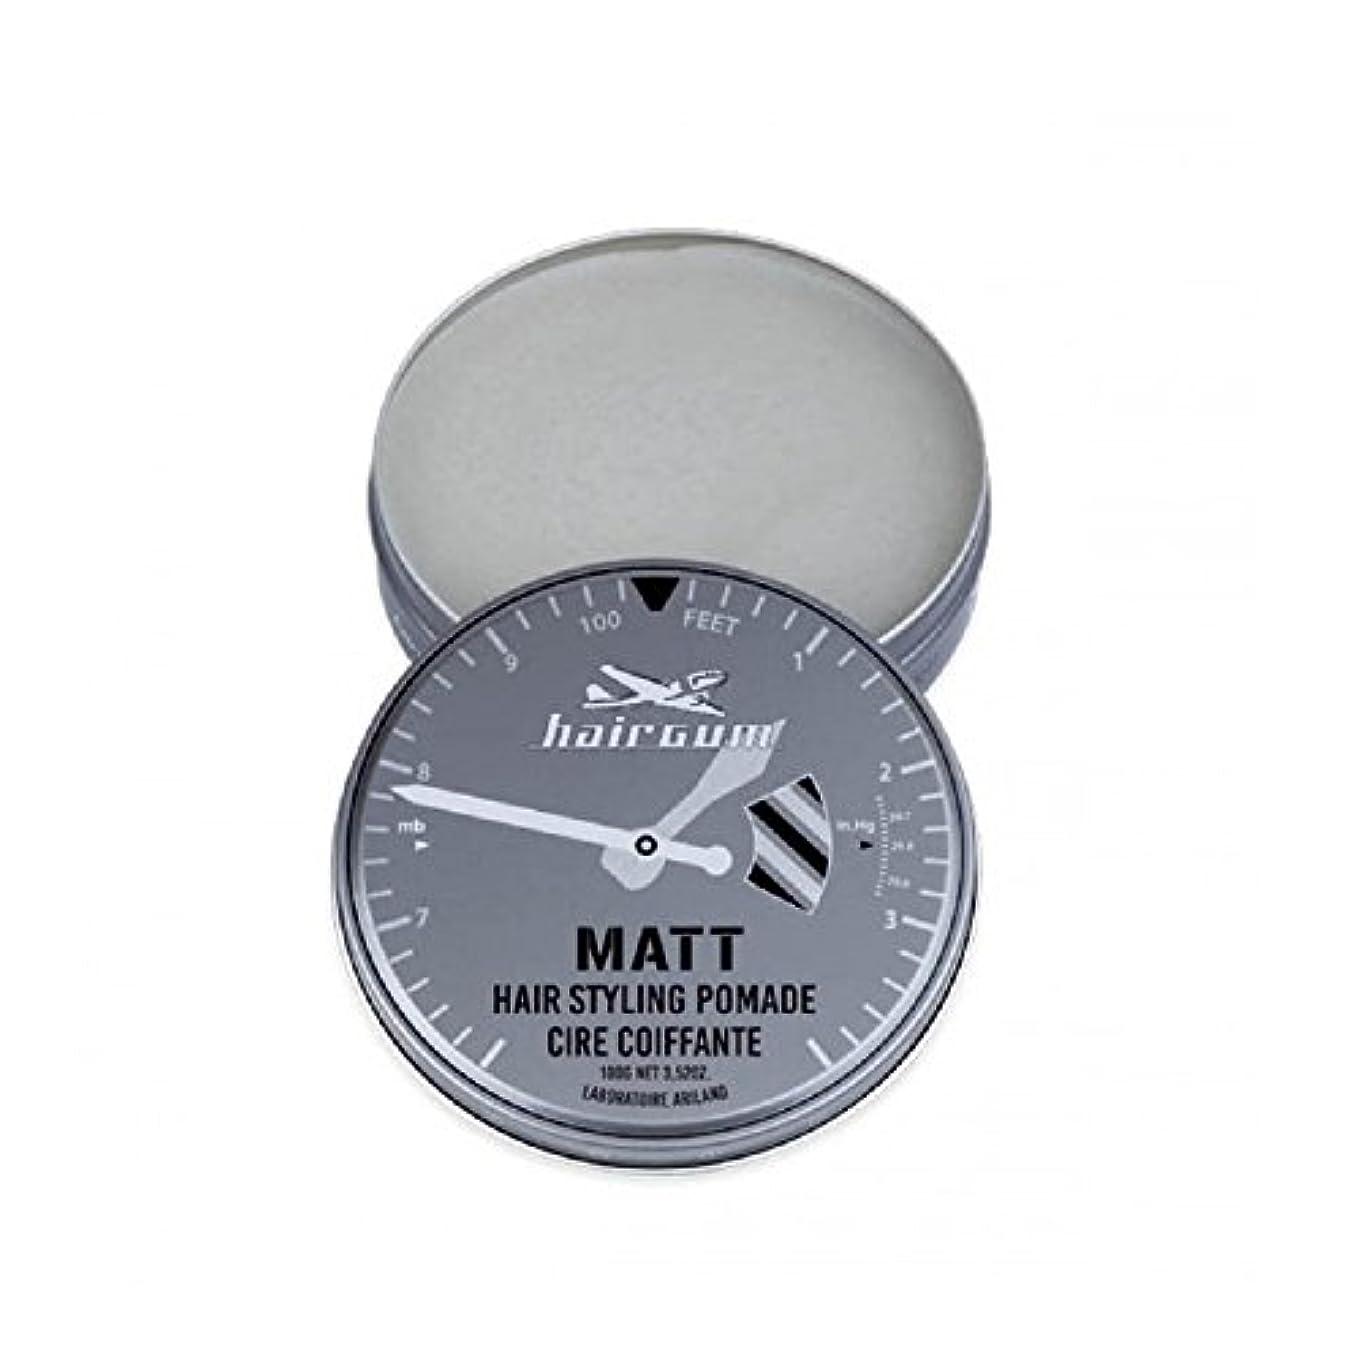 アクセサリー突然間欠hairgum(ヘアガム) Matt Pomade 100g ヘアガム マット 油性 ポマード グリース